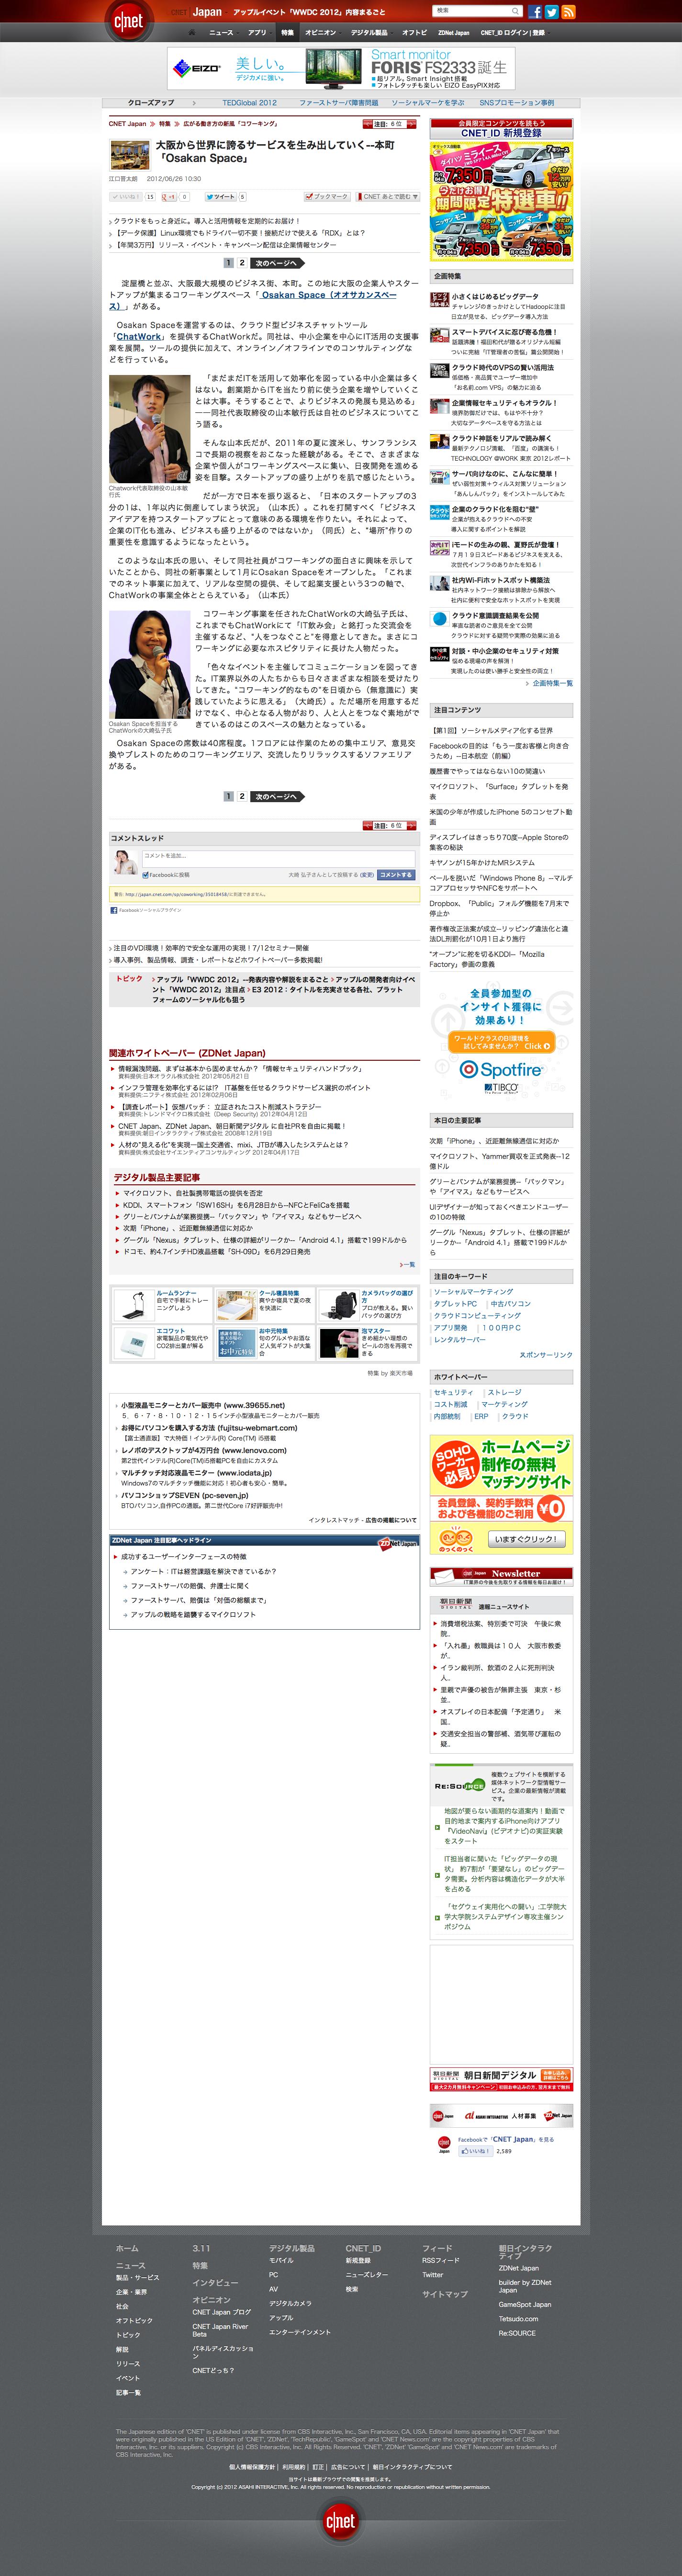 大阪から世界に誇るサービスを生み出していく--本町「Osakan Space」